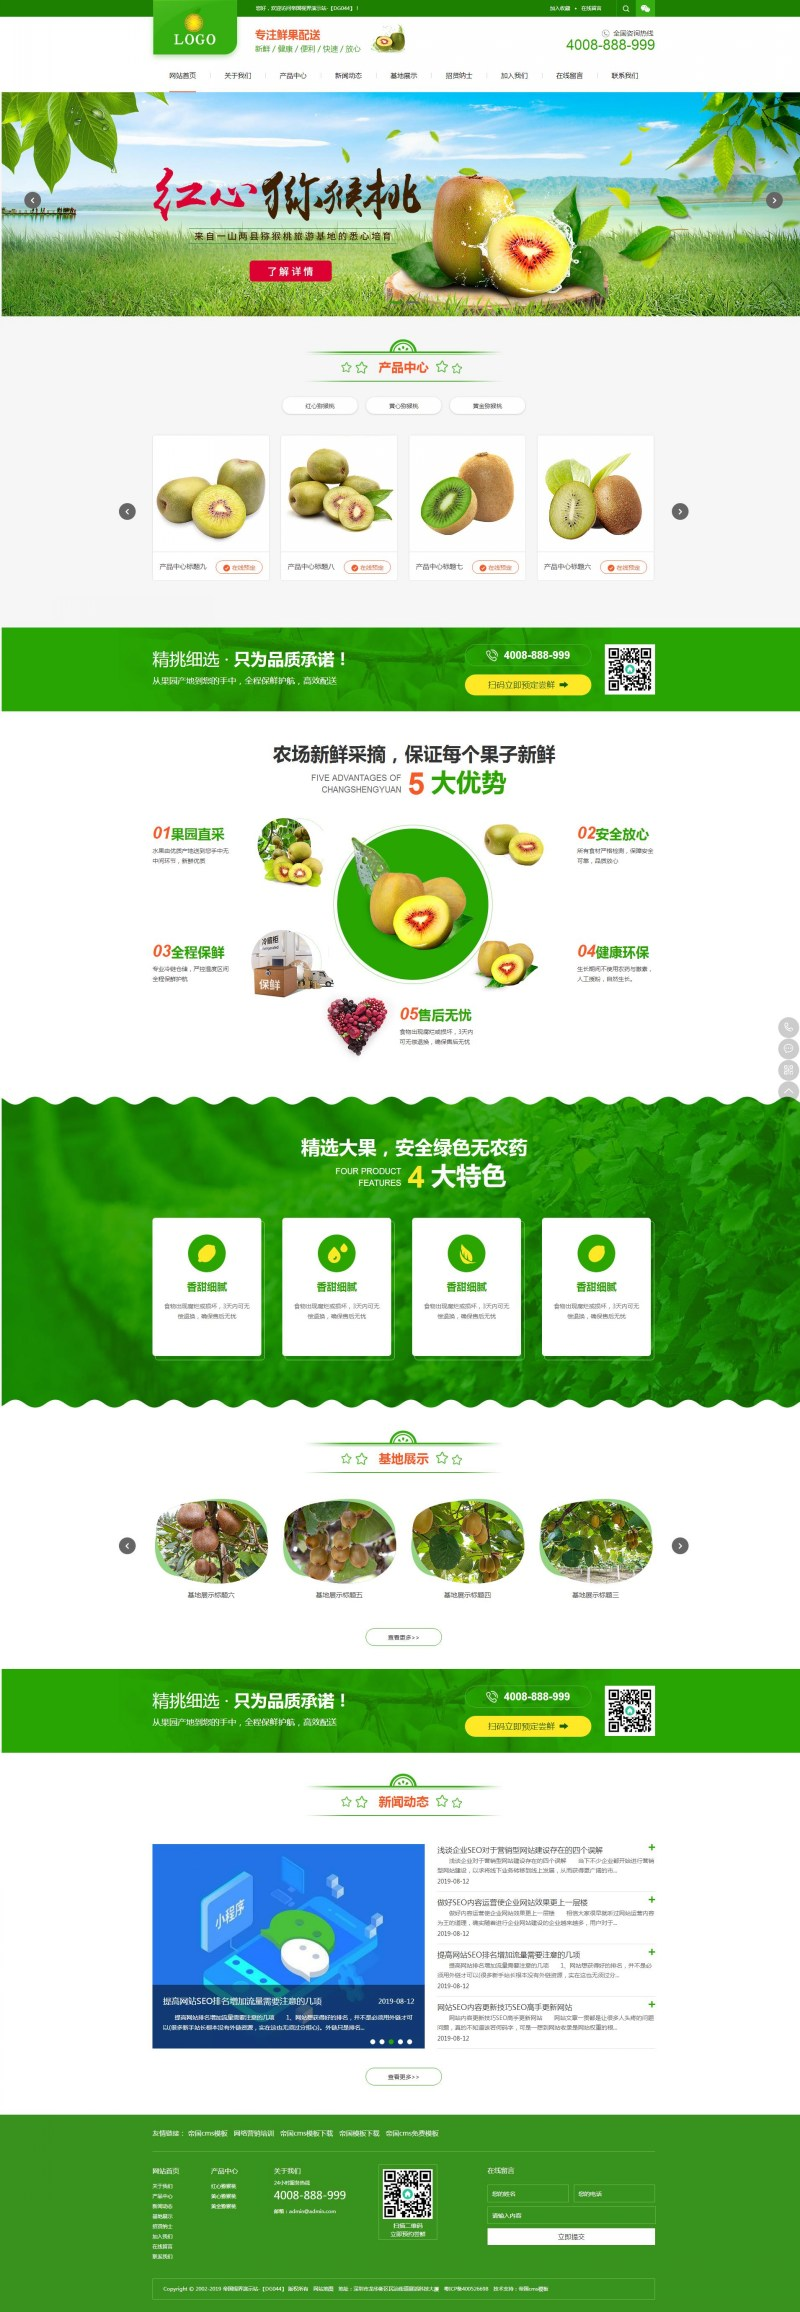 [DG-044]蔬菜果蔬鲜果配送类网站水果蔬菜网站源码(带手机端) 企业模板